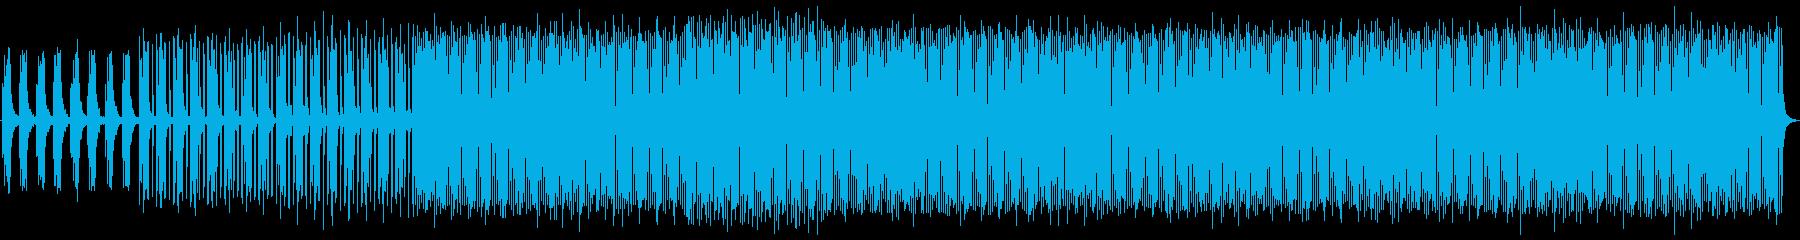 電話の呼び出しベル。ピアノオクター...の再生済みの波形